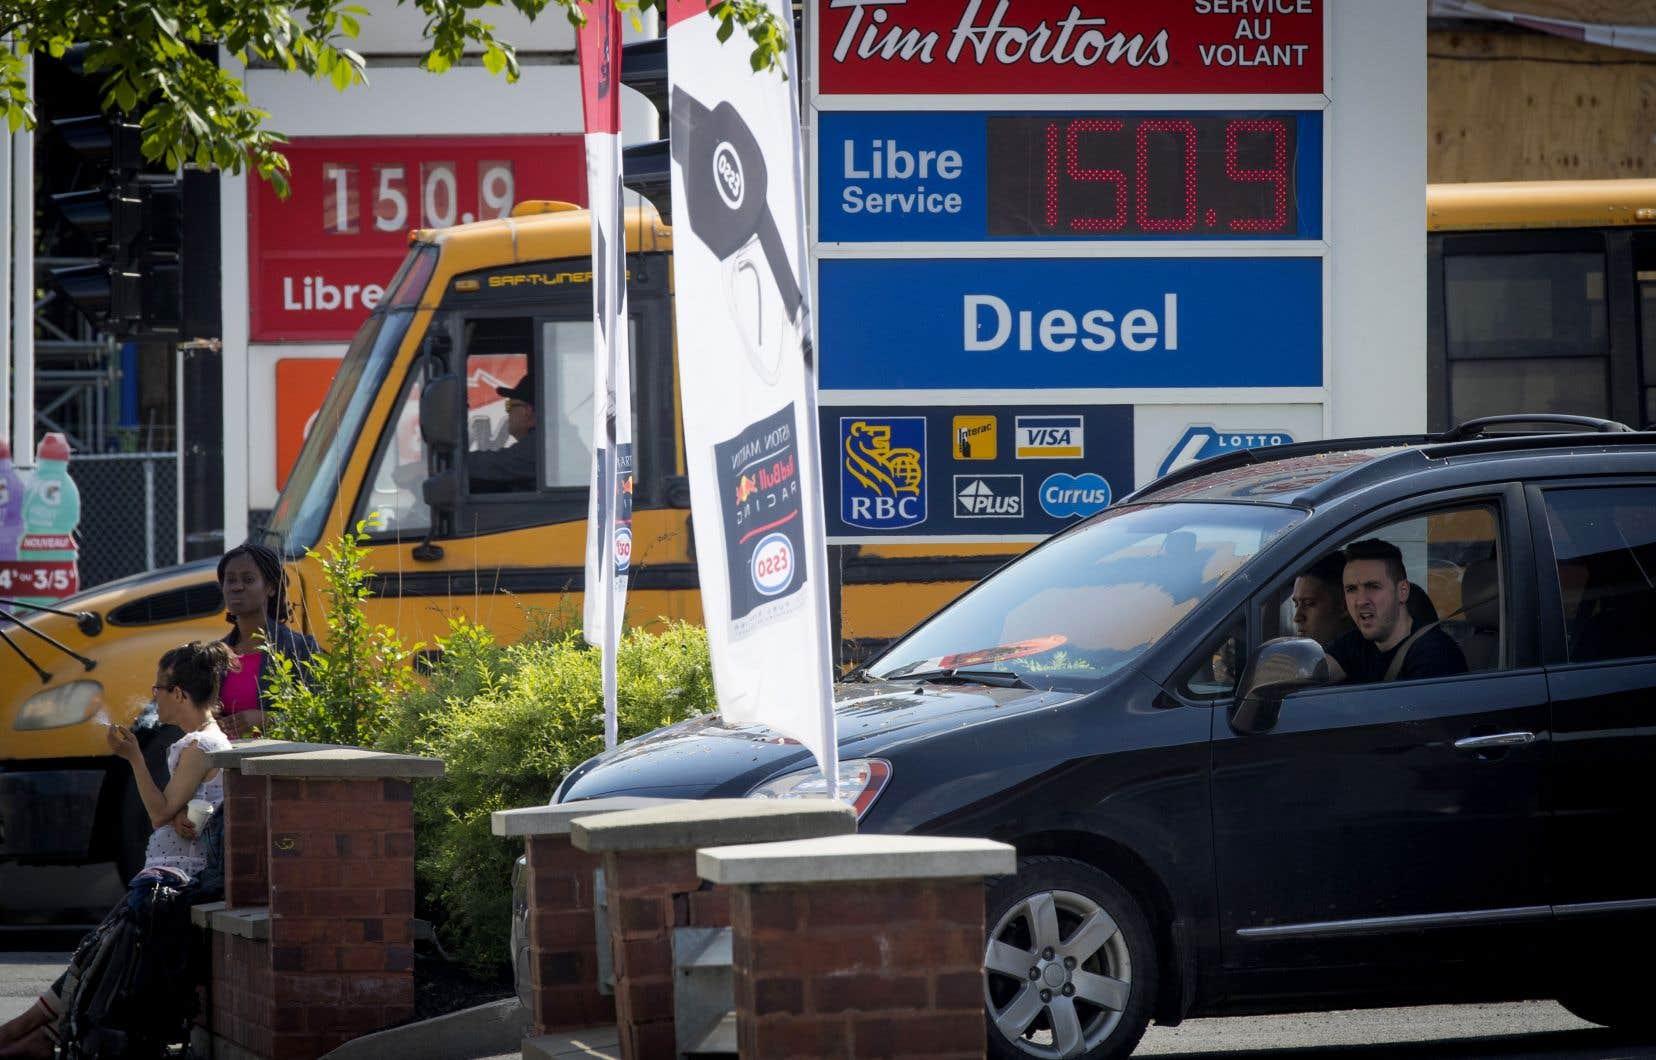 Les automobilistes ont vu le prix du litre bondir à la pompe, franchissant même 1,50$ dans la région métropolitaine.